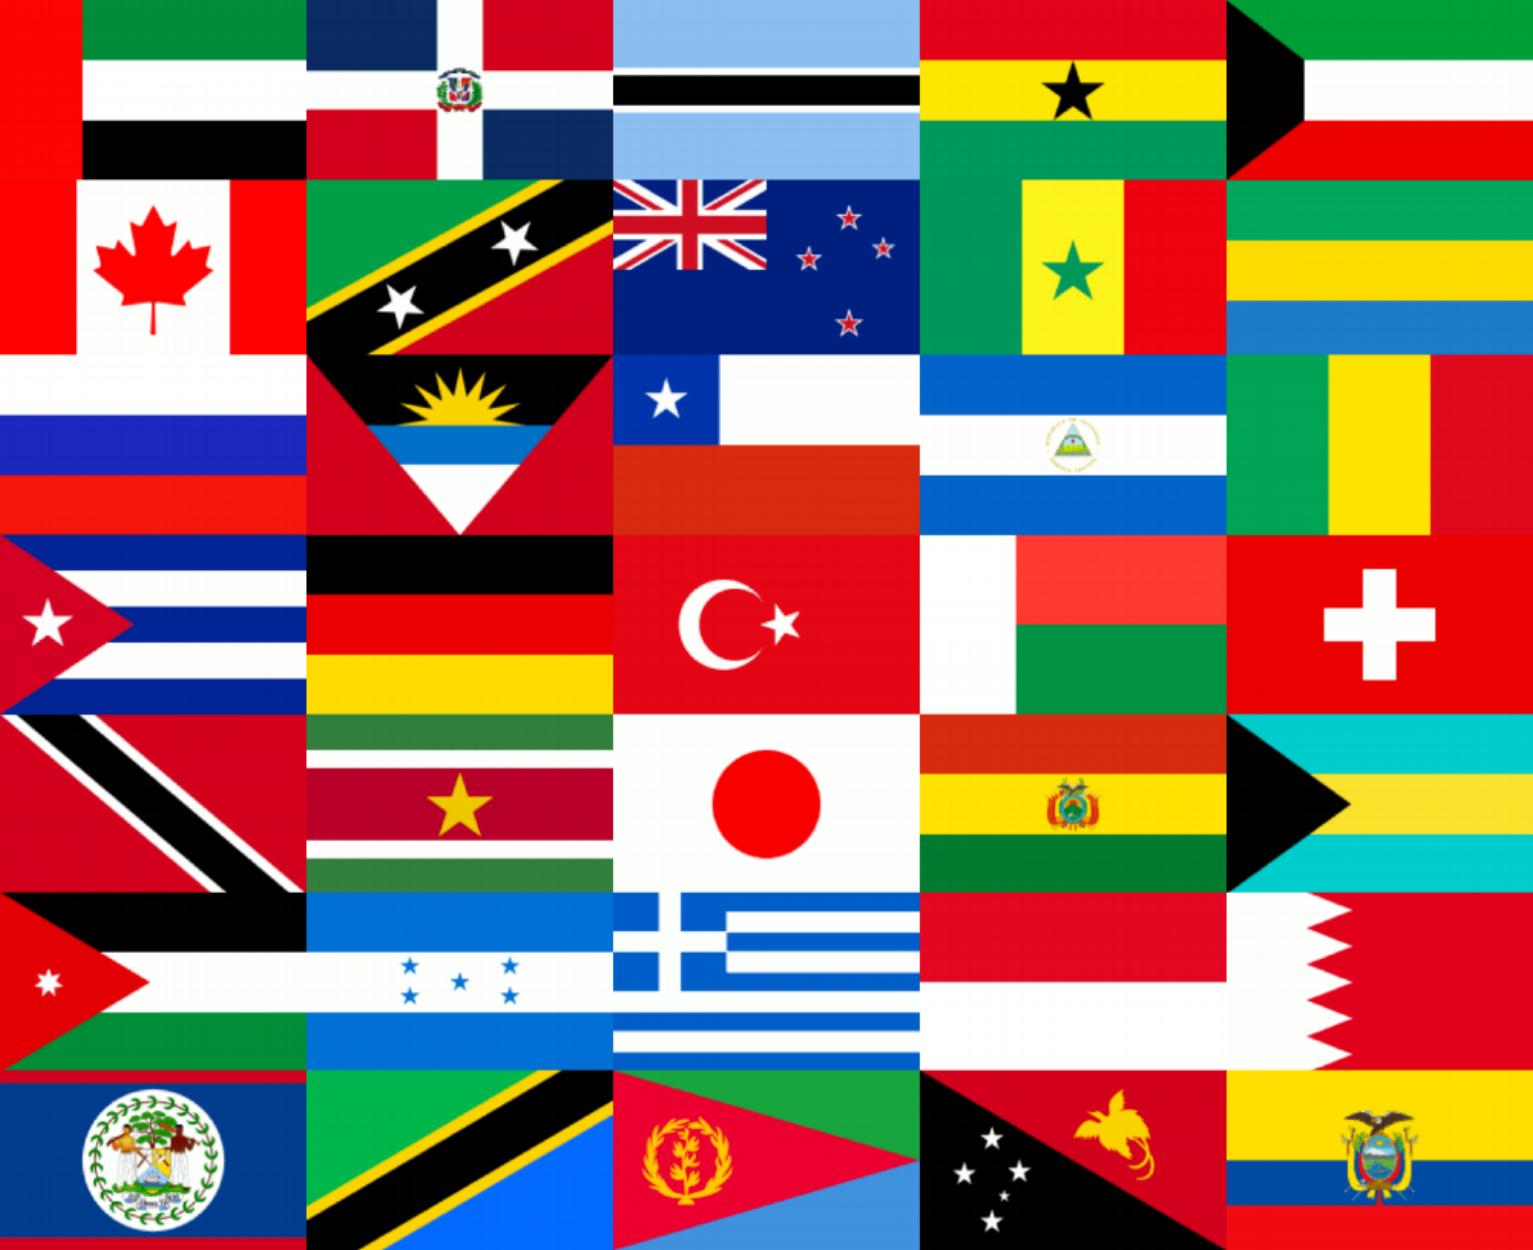 Season 1 flags